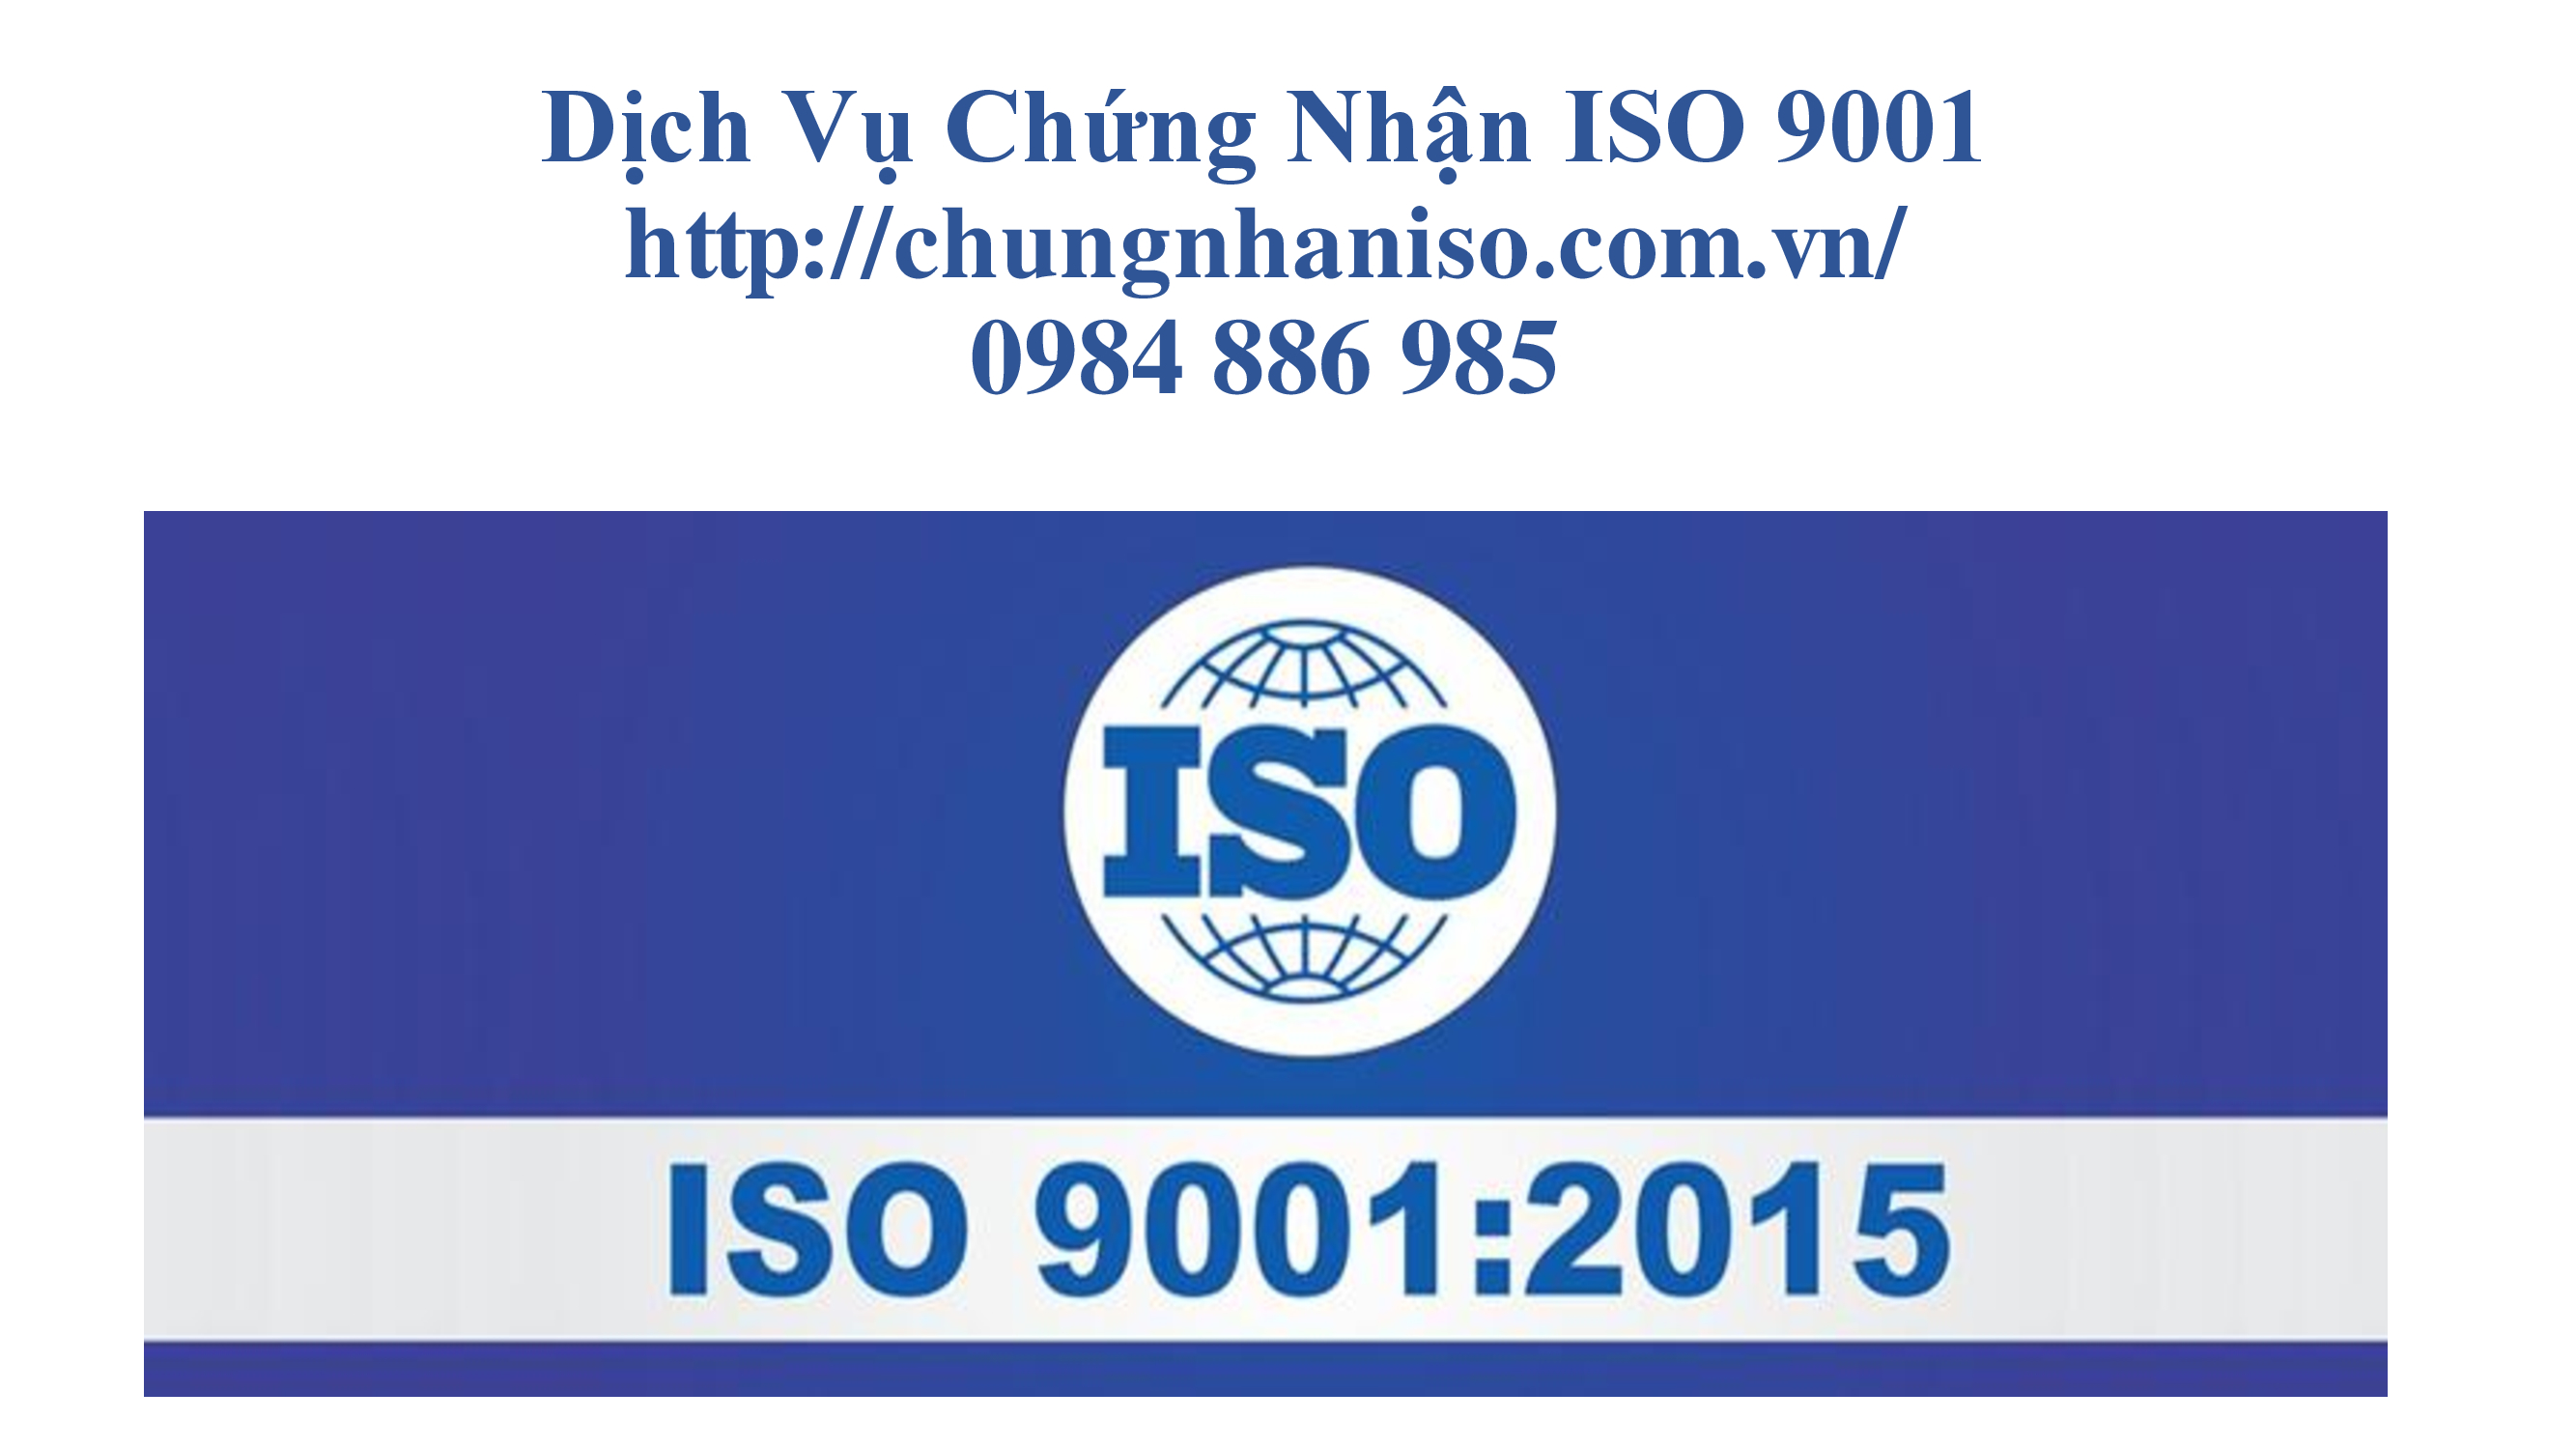 Dịch vụ chứng nhận iso 9001